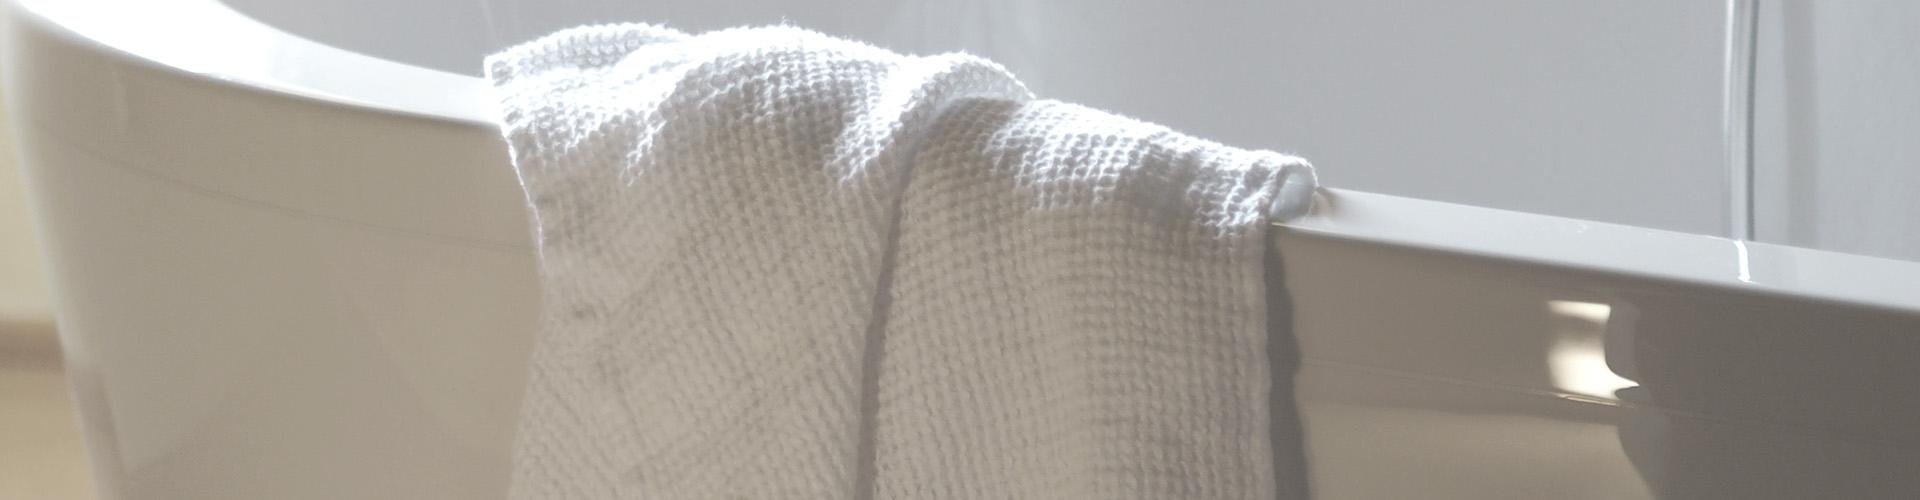 Capri linen waffle towels